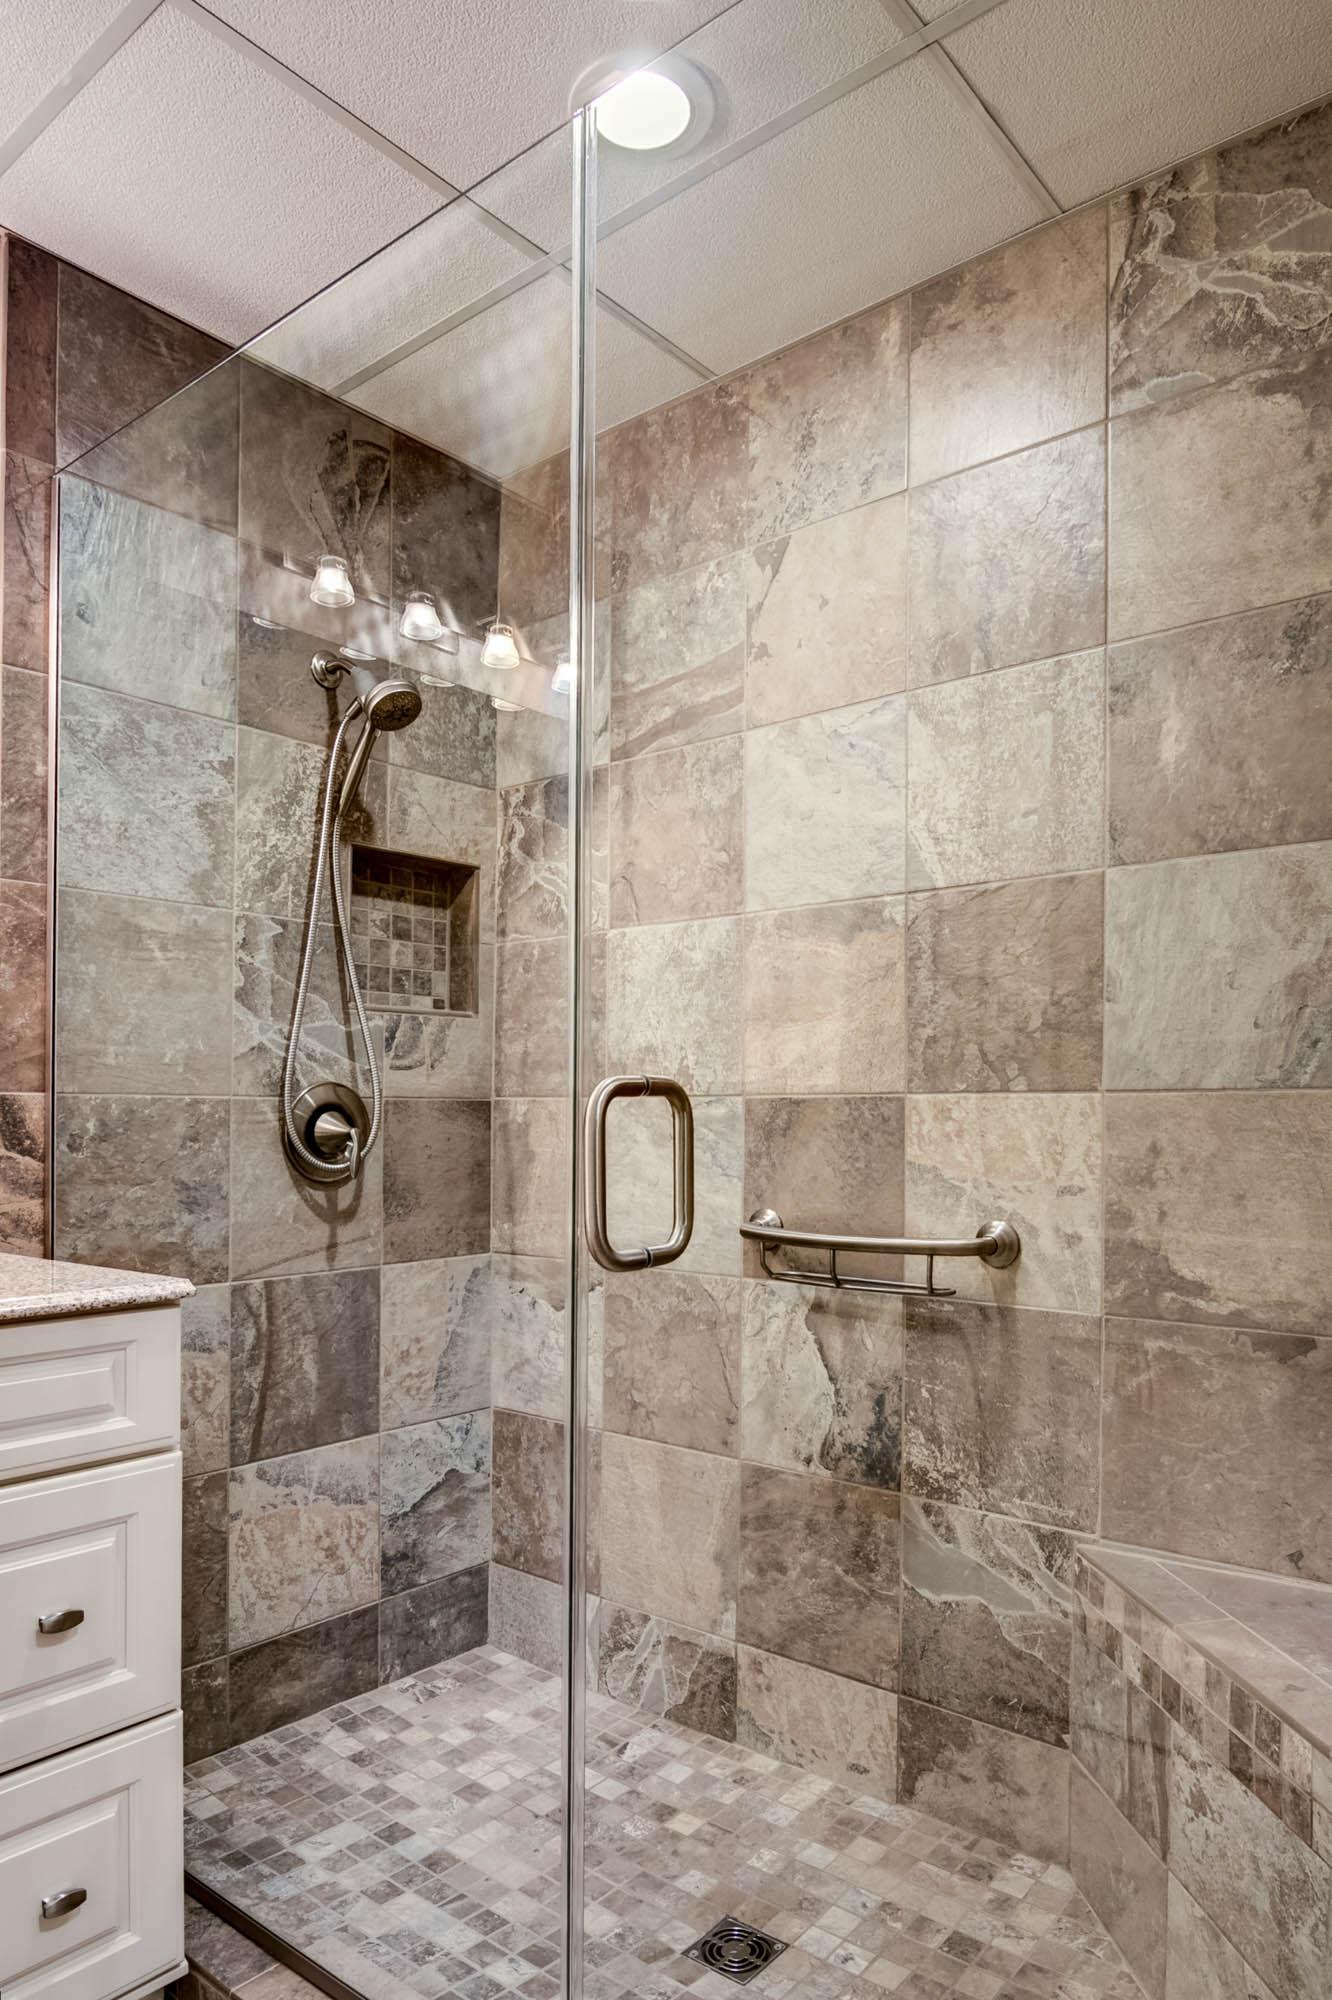 New leaf remodeling llc bathroom gallery rockford il for Bathroom remodeling rockford il